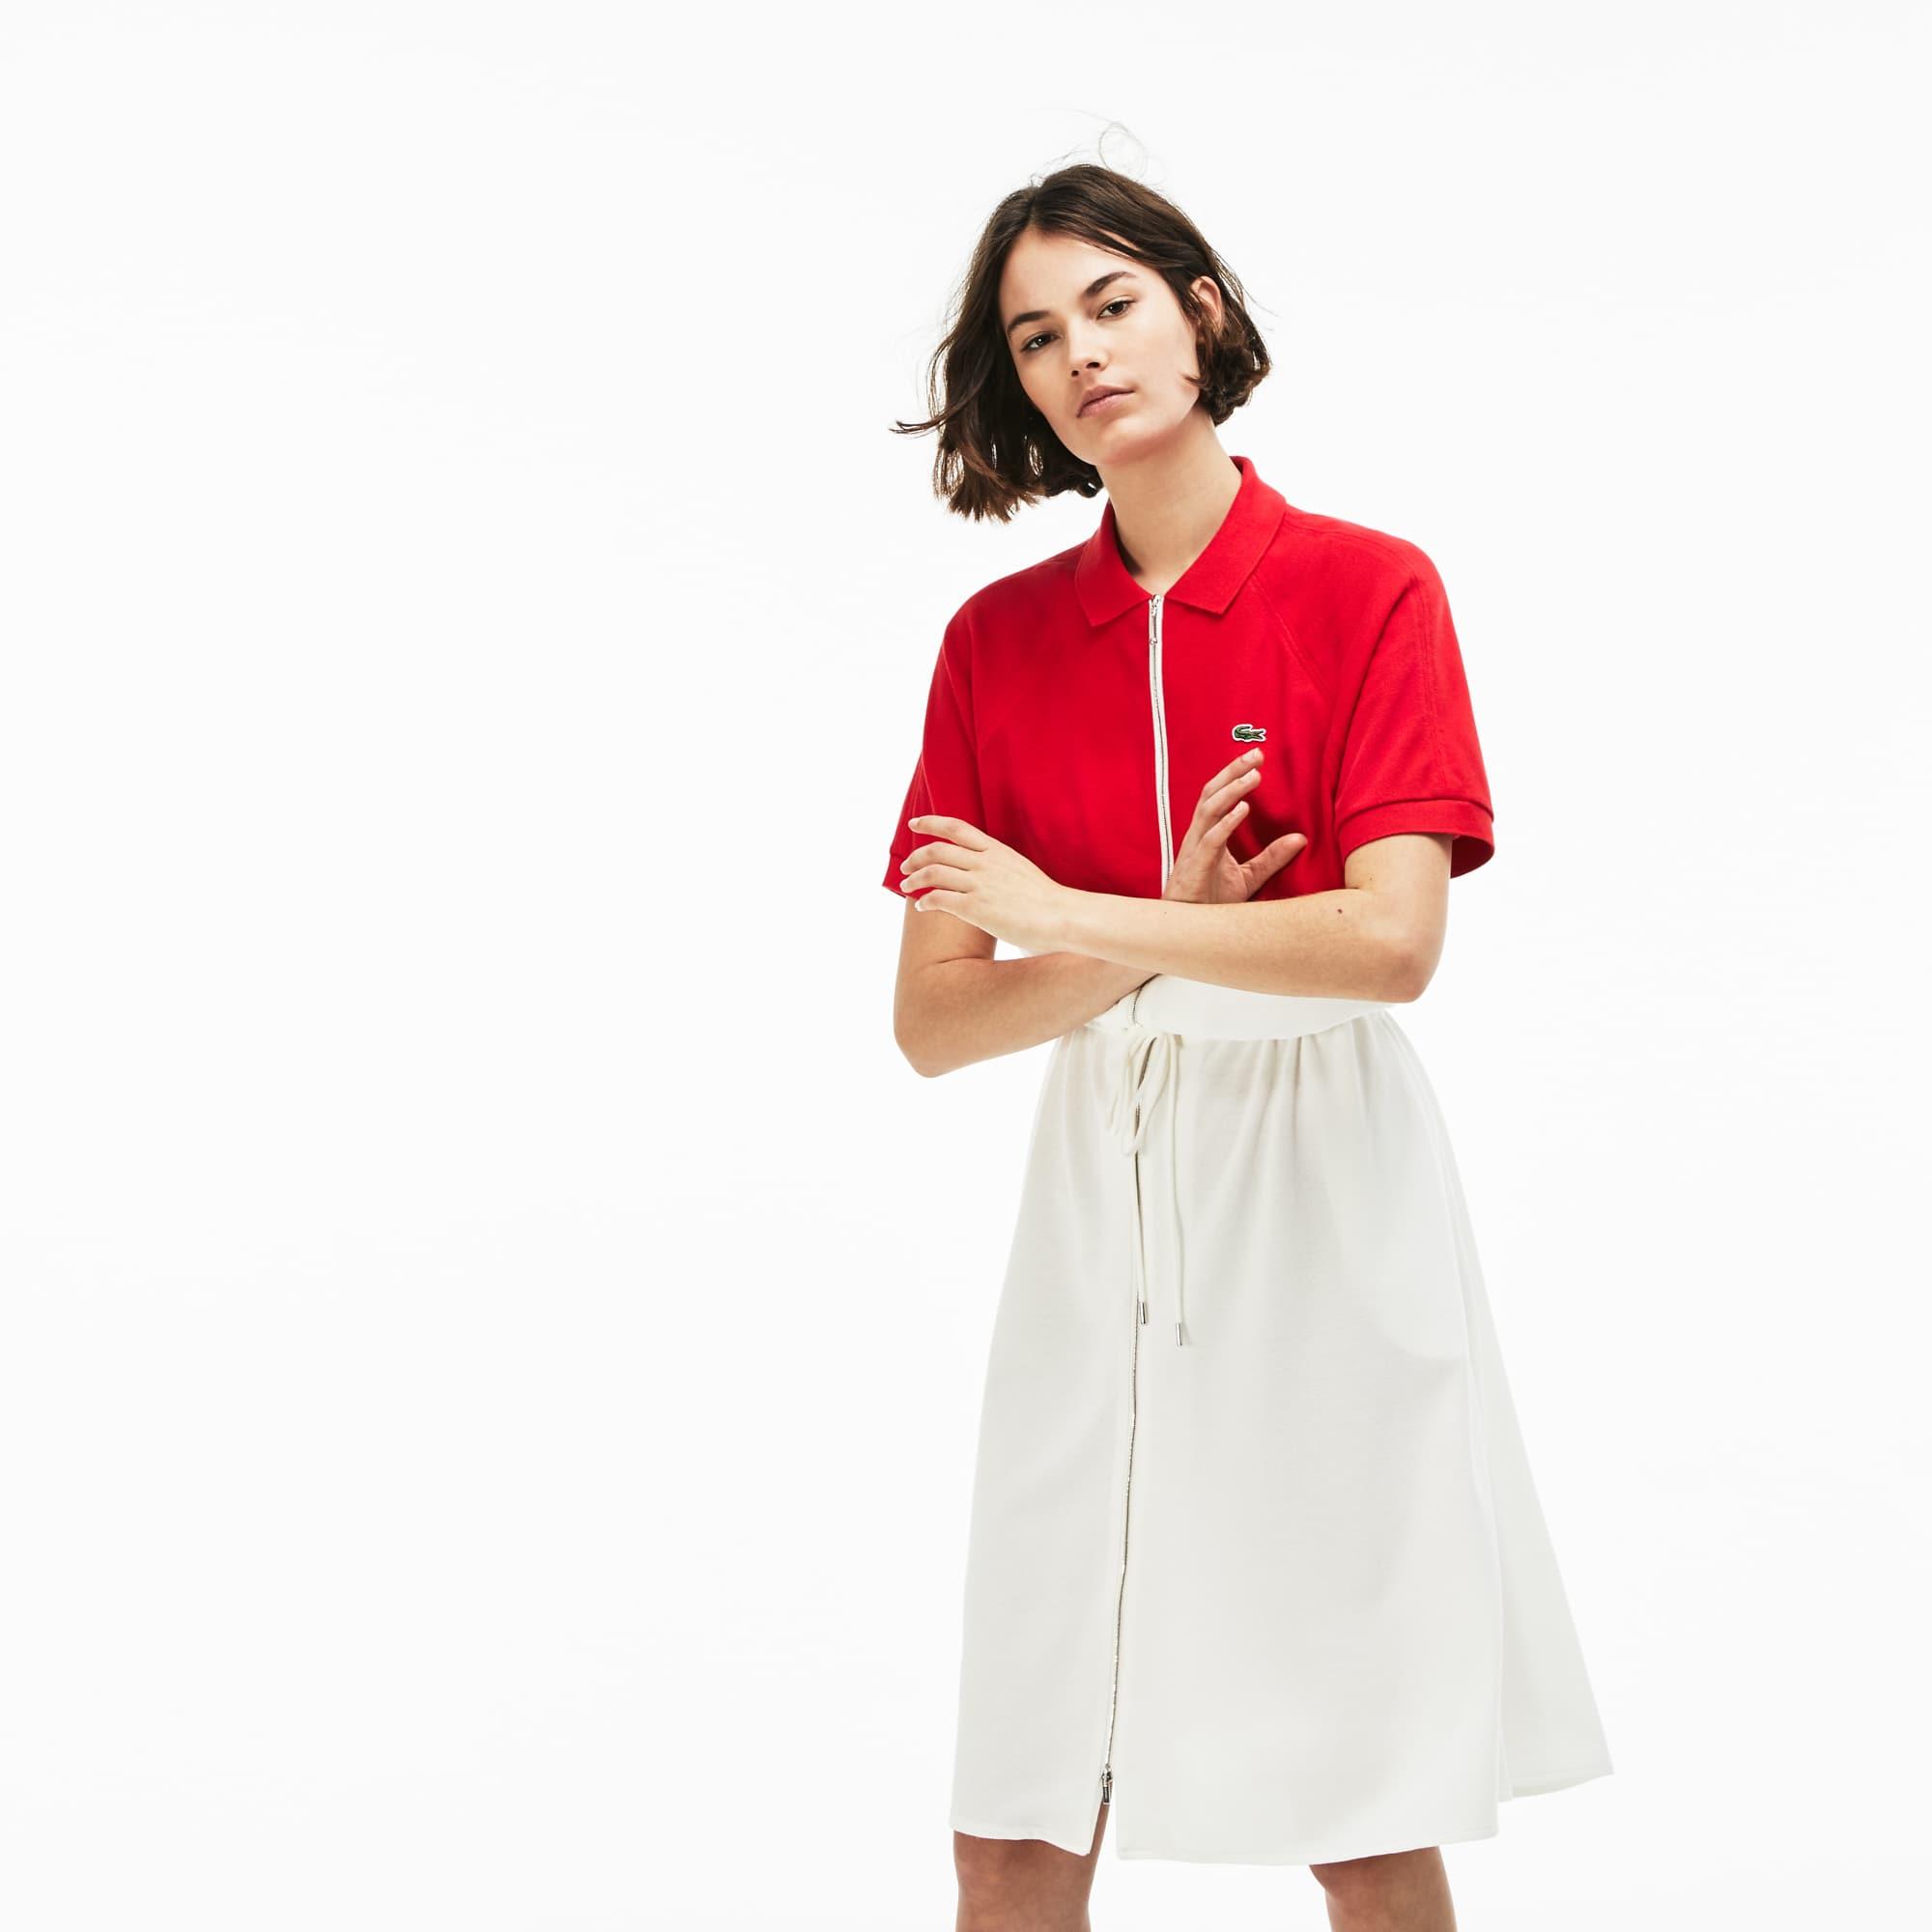 Damen LACOSTE Polokleid aus Baumwoll-Petit Piqué mit Colorblocks